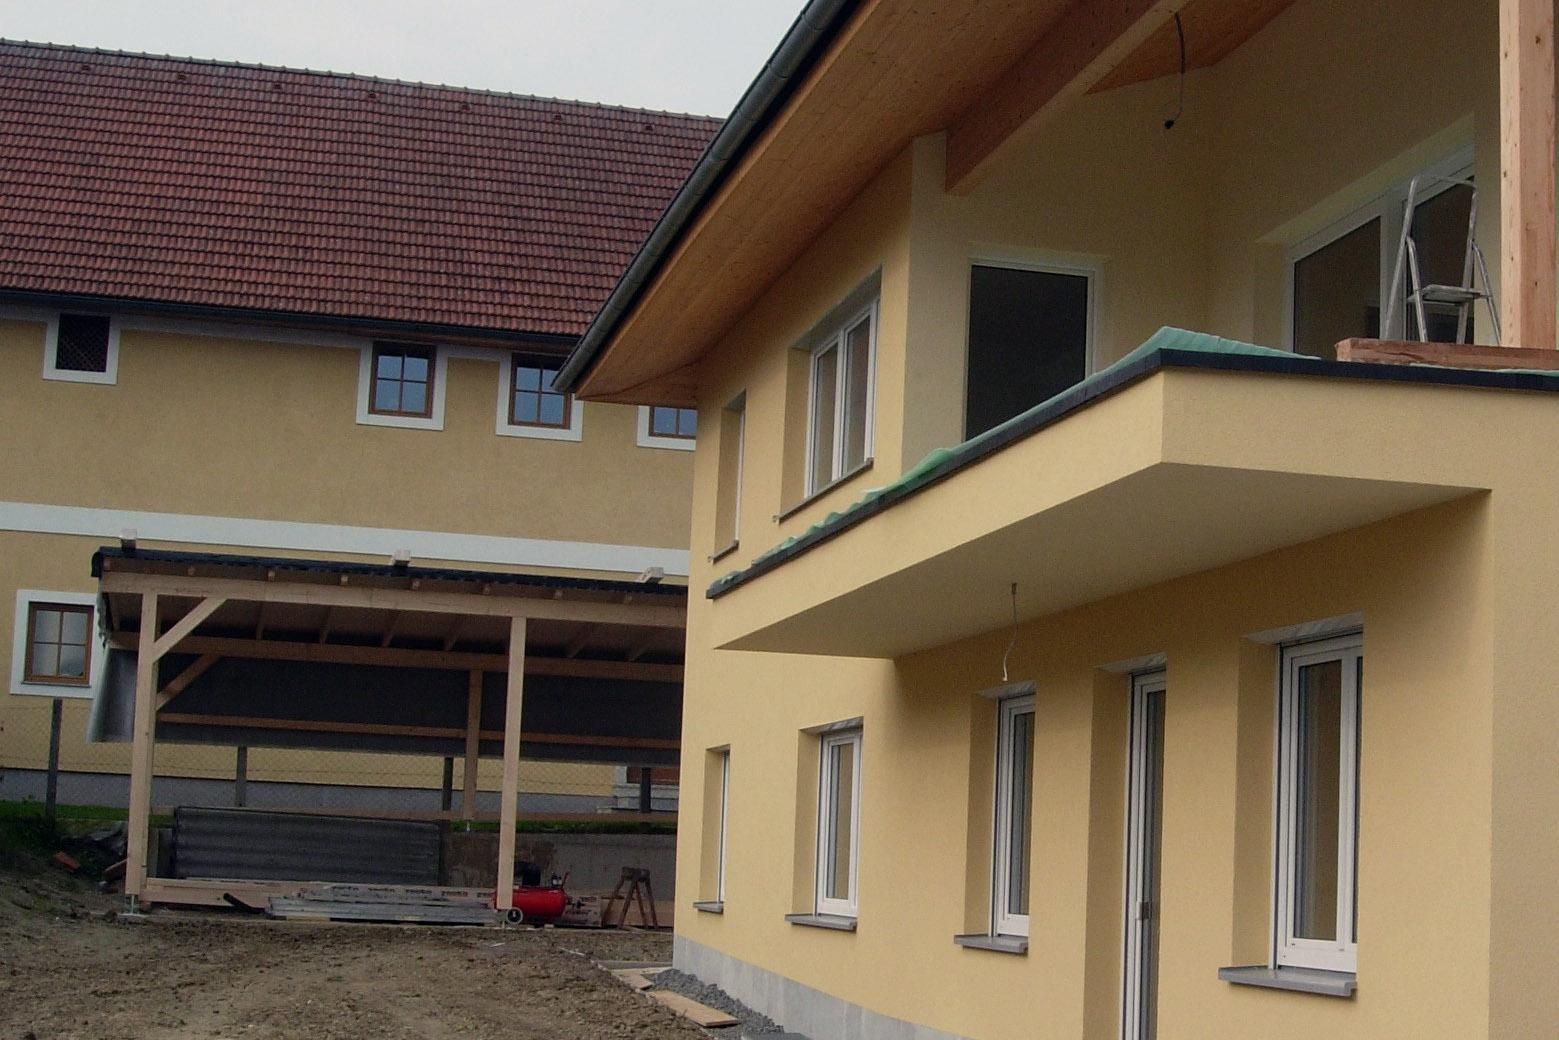 holzmassivhaus_7